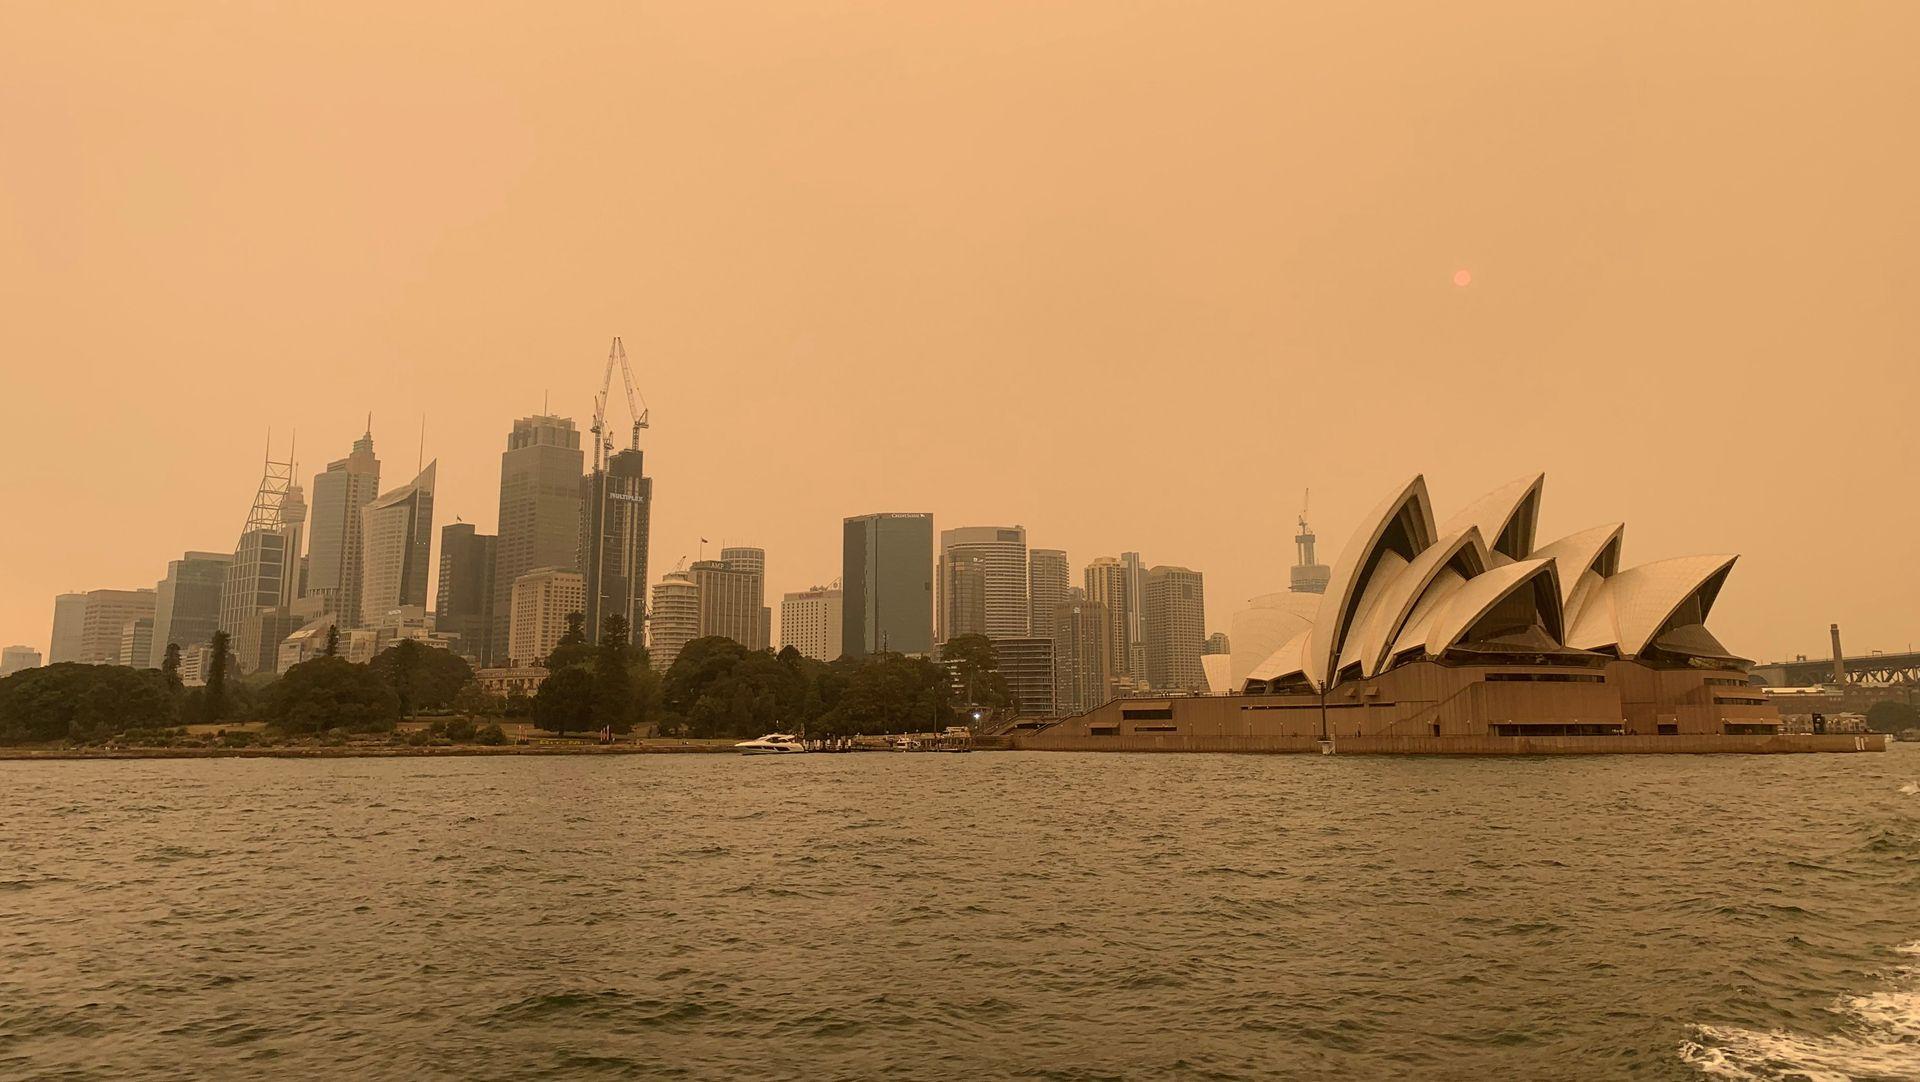 Australia: Over 80 skogbranner har de siste ukene truet store områder rundt Sydney. Bildet viser røykteppet over storbyen. Meteorologisk institutt i Australia kom i fjor med en rapport som om at klimaendringene har medvirket til ekstrem varme som kan bli tennkilde til skogbranner.